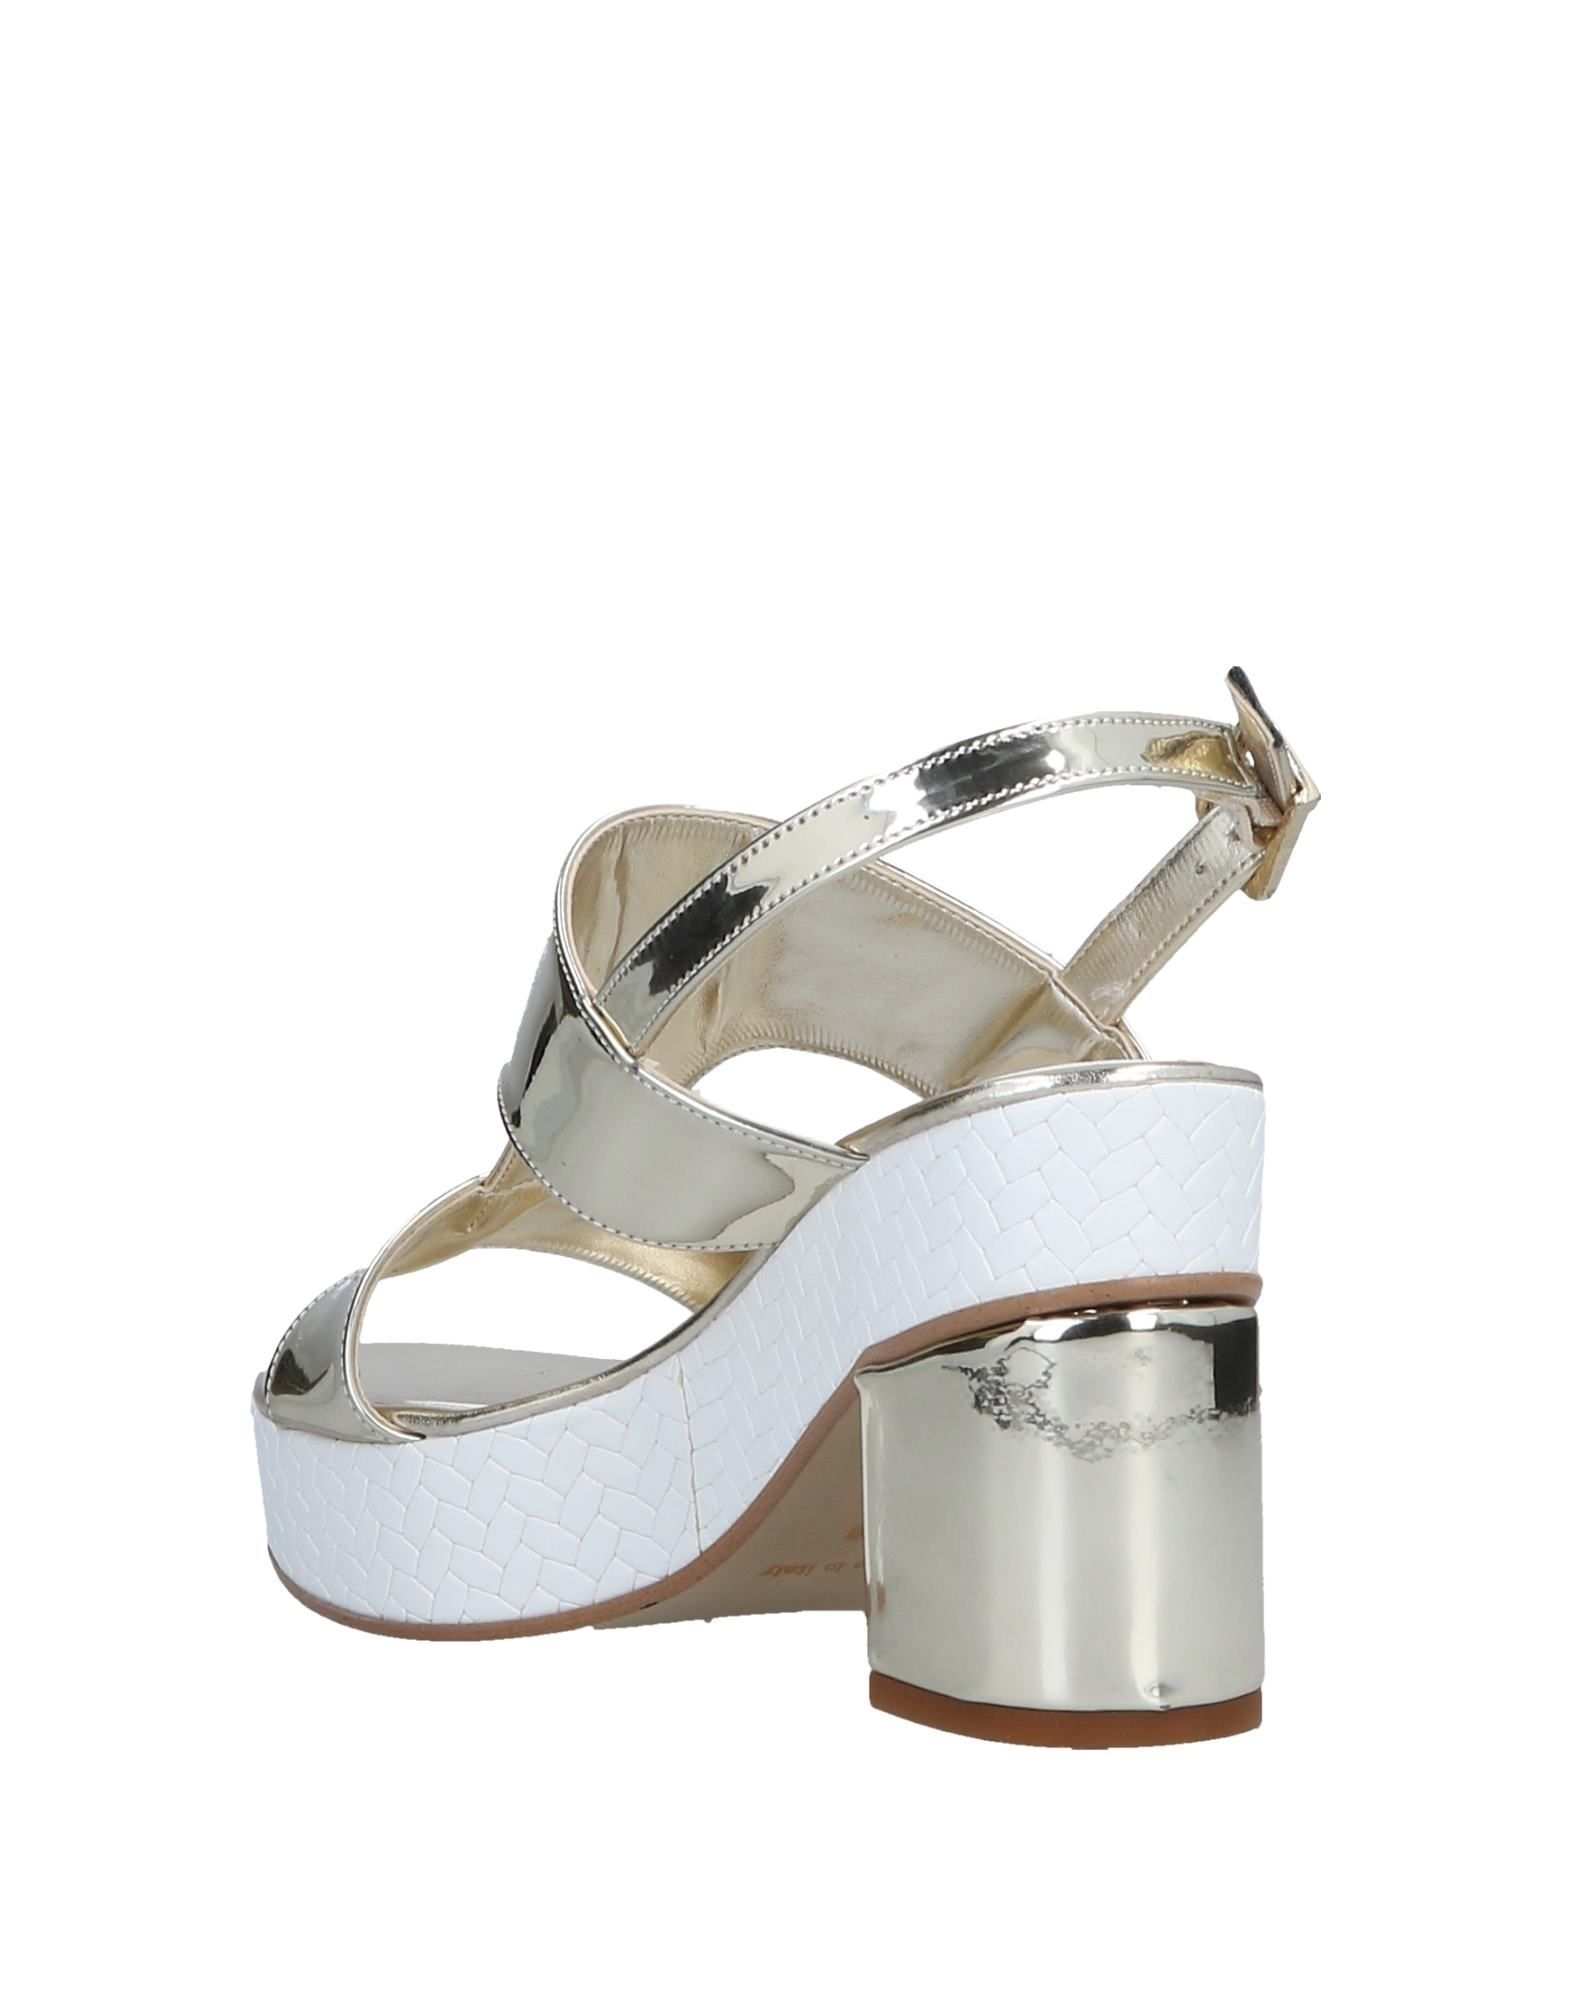 Sara Sandalen Damen  11499661IK Gute Qualität beliebte Schuhe